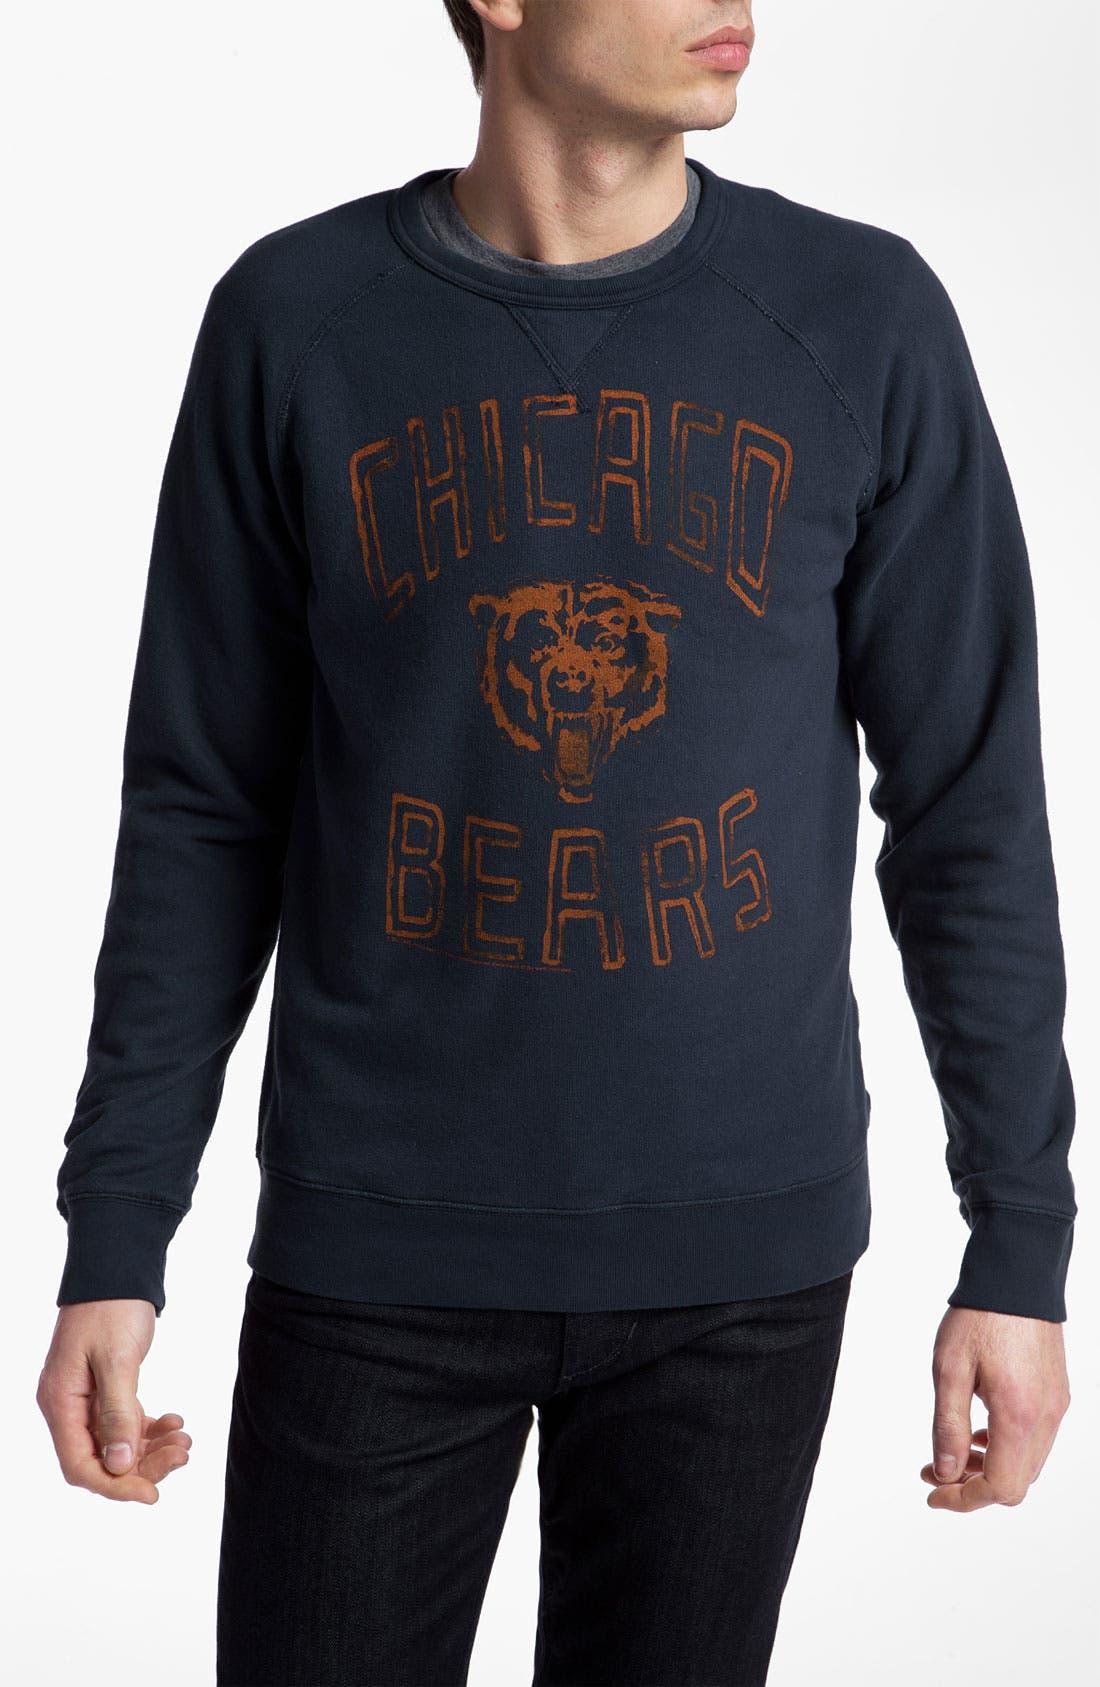 Alternate Image 1 Selected - Junk Food 'Chicago Bears' Sweatshirt